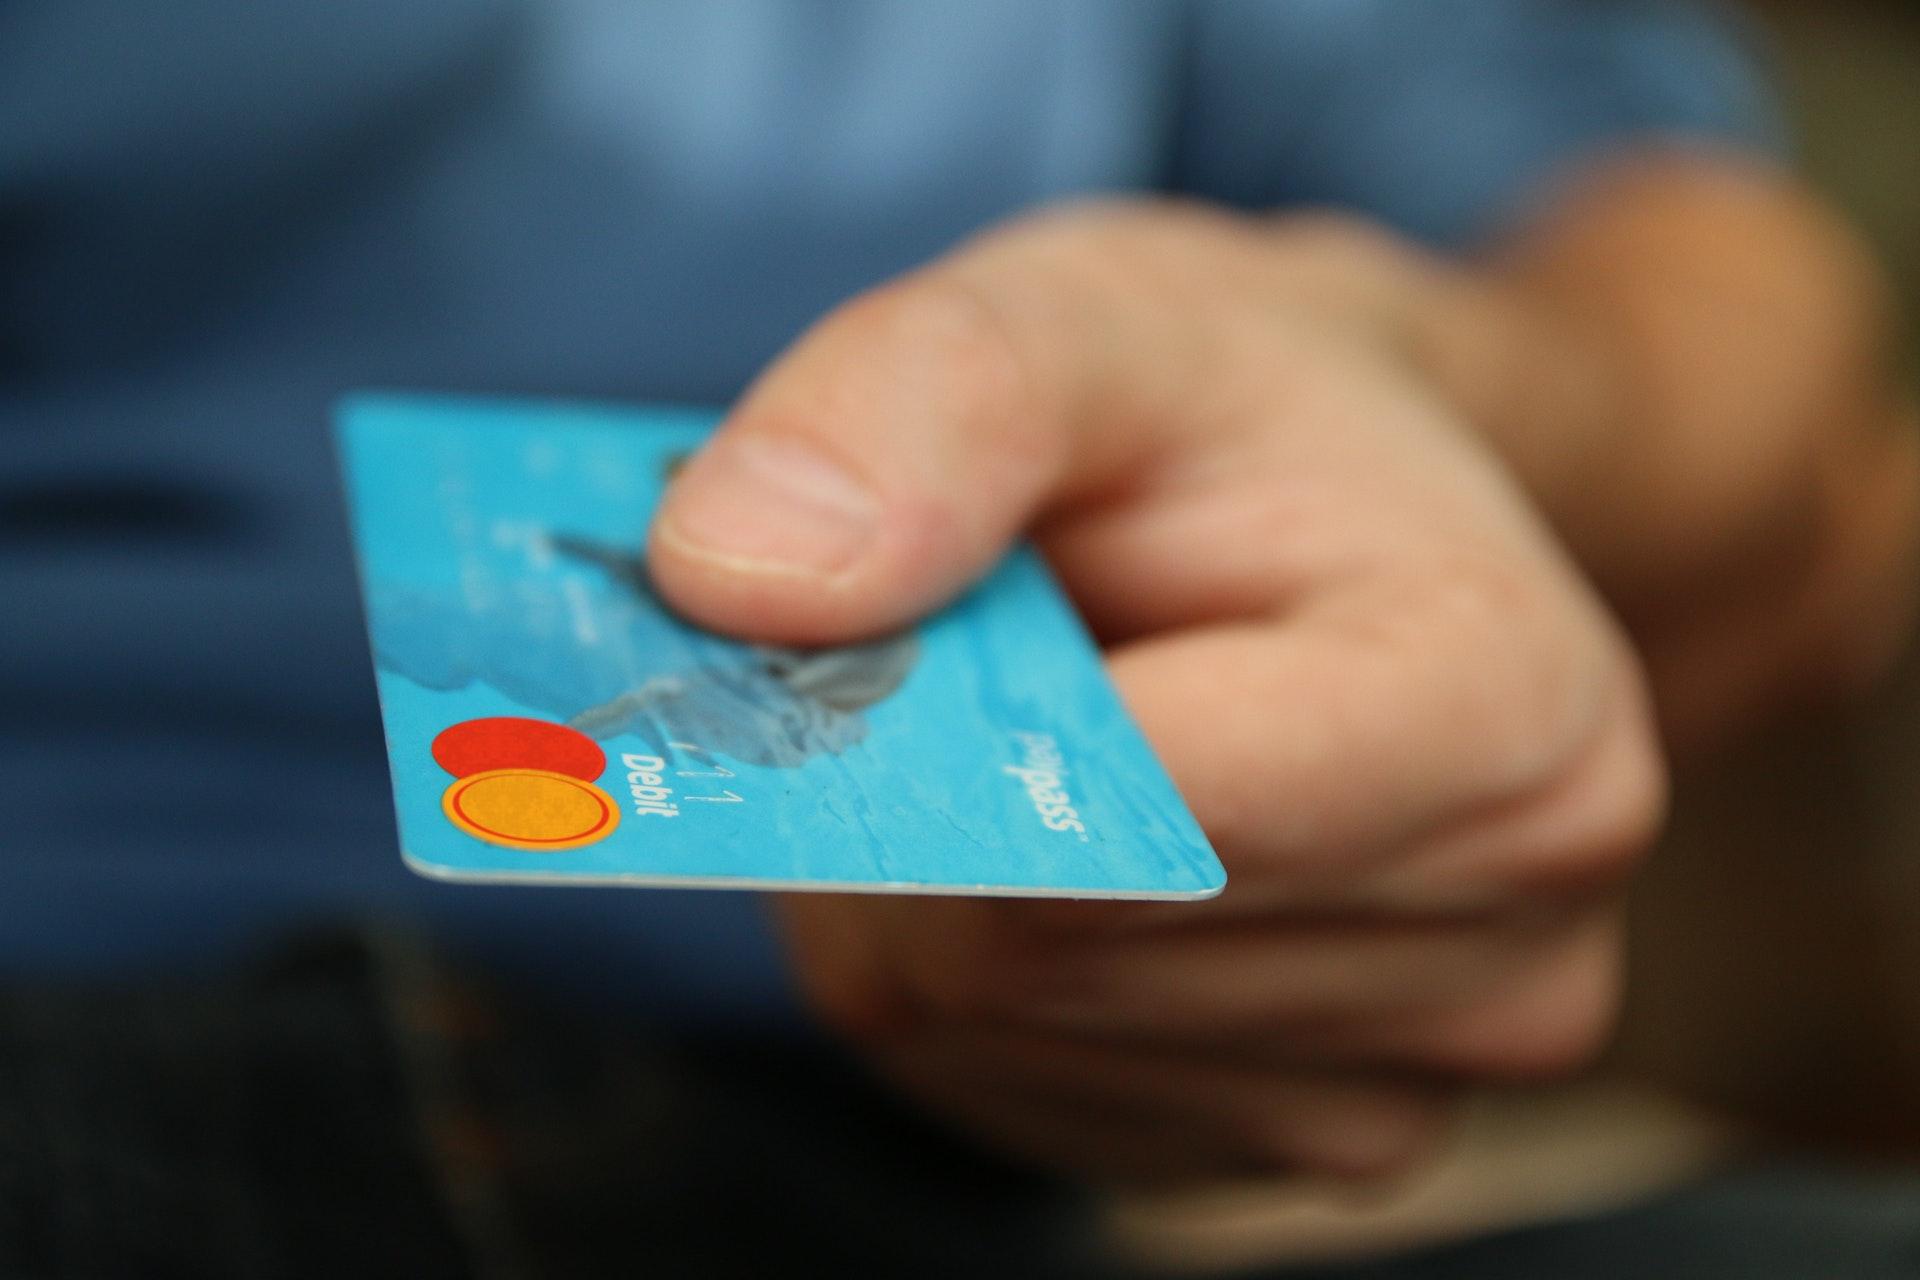 Bank Millennium umożliwia otwarcie konta za pomocą selfie 19